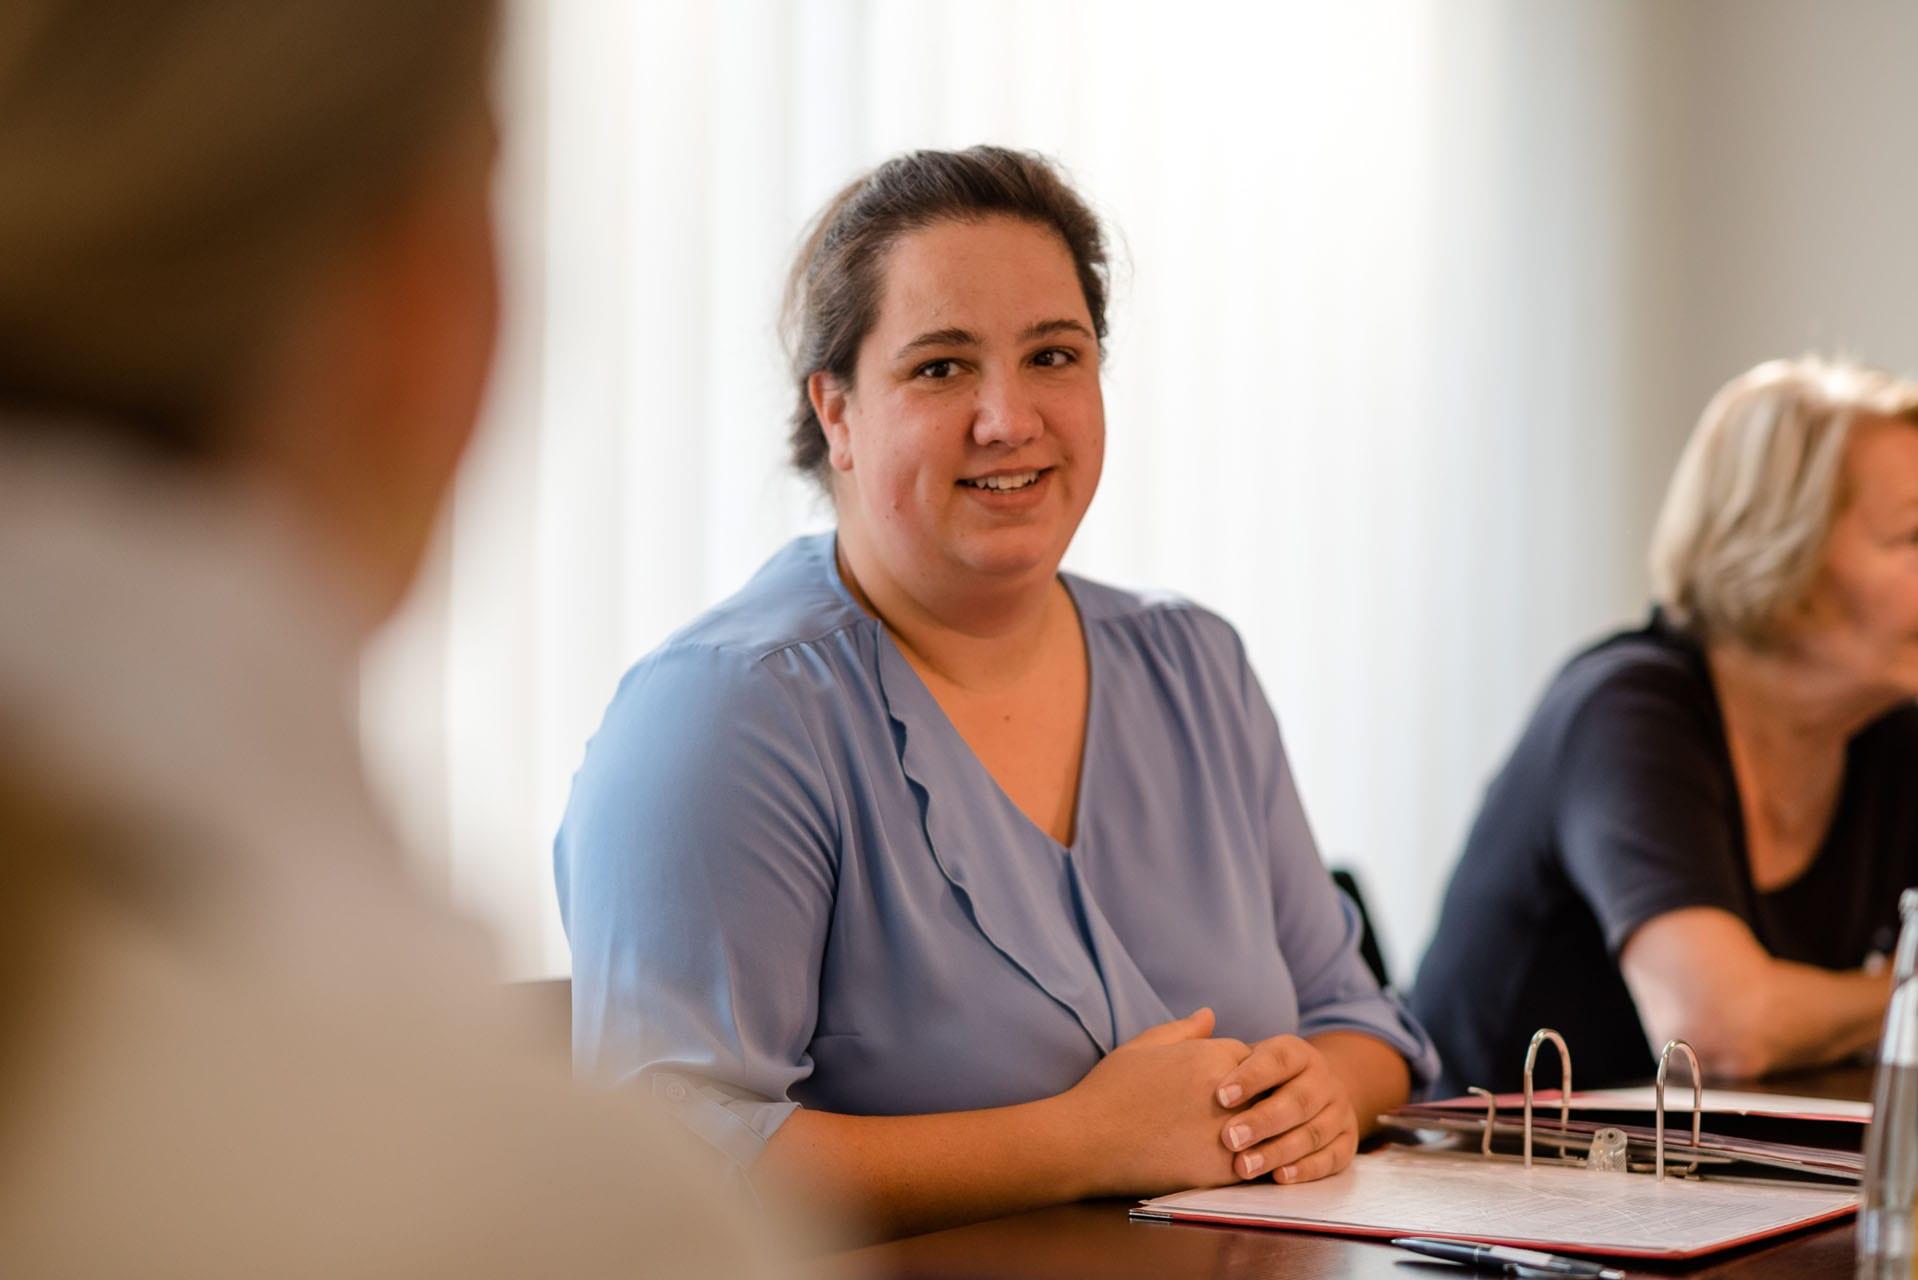 20 Jahre Berufserfahrung in der Kanzlei KMK – für Sie zuständig in allen notariellen Angelegenheiten.